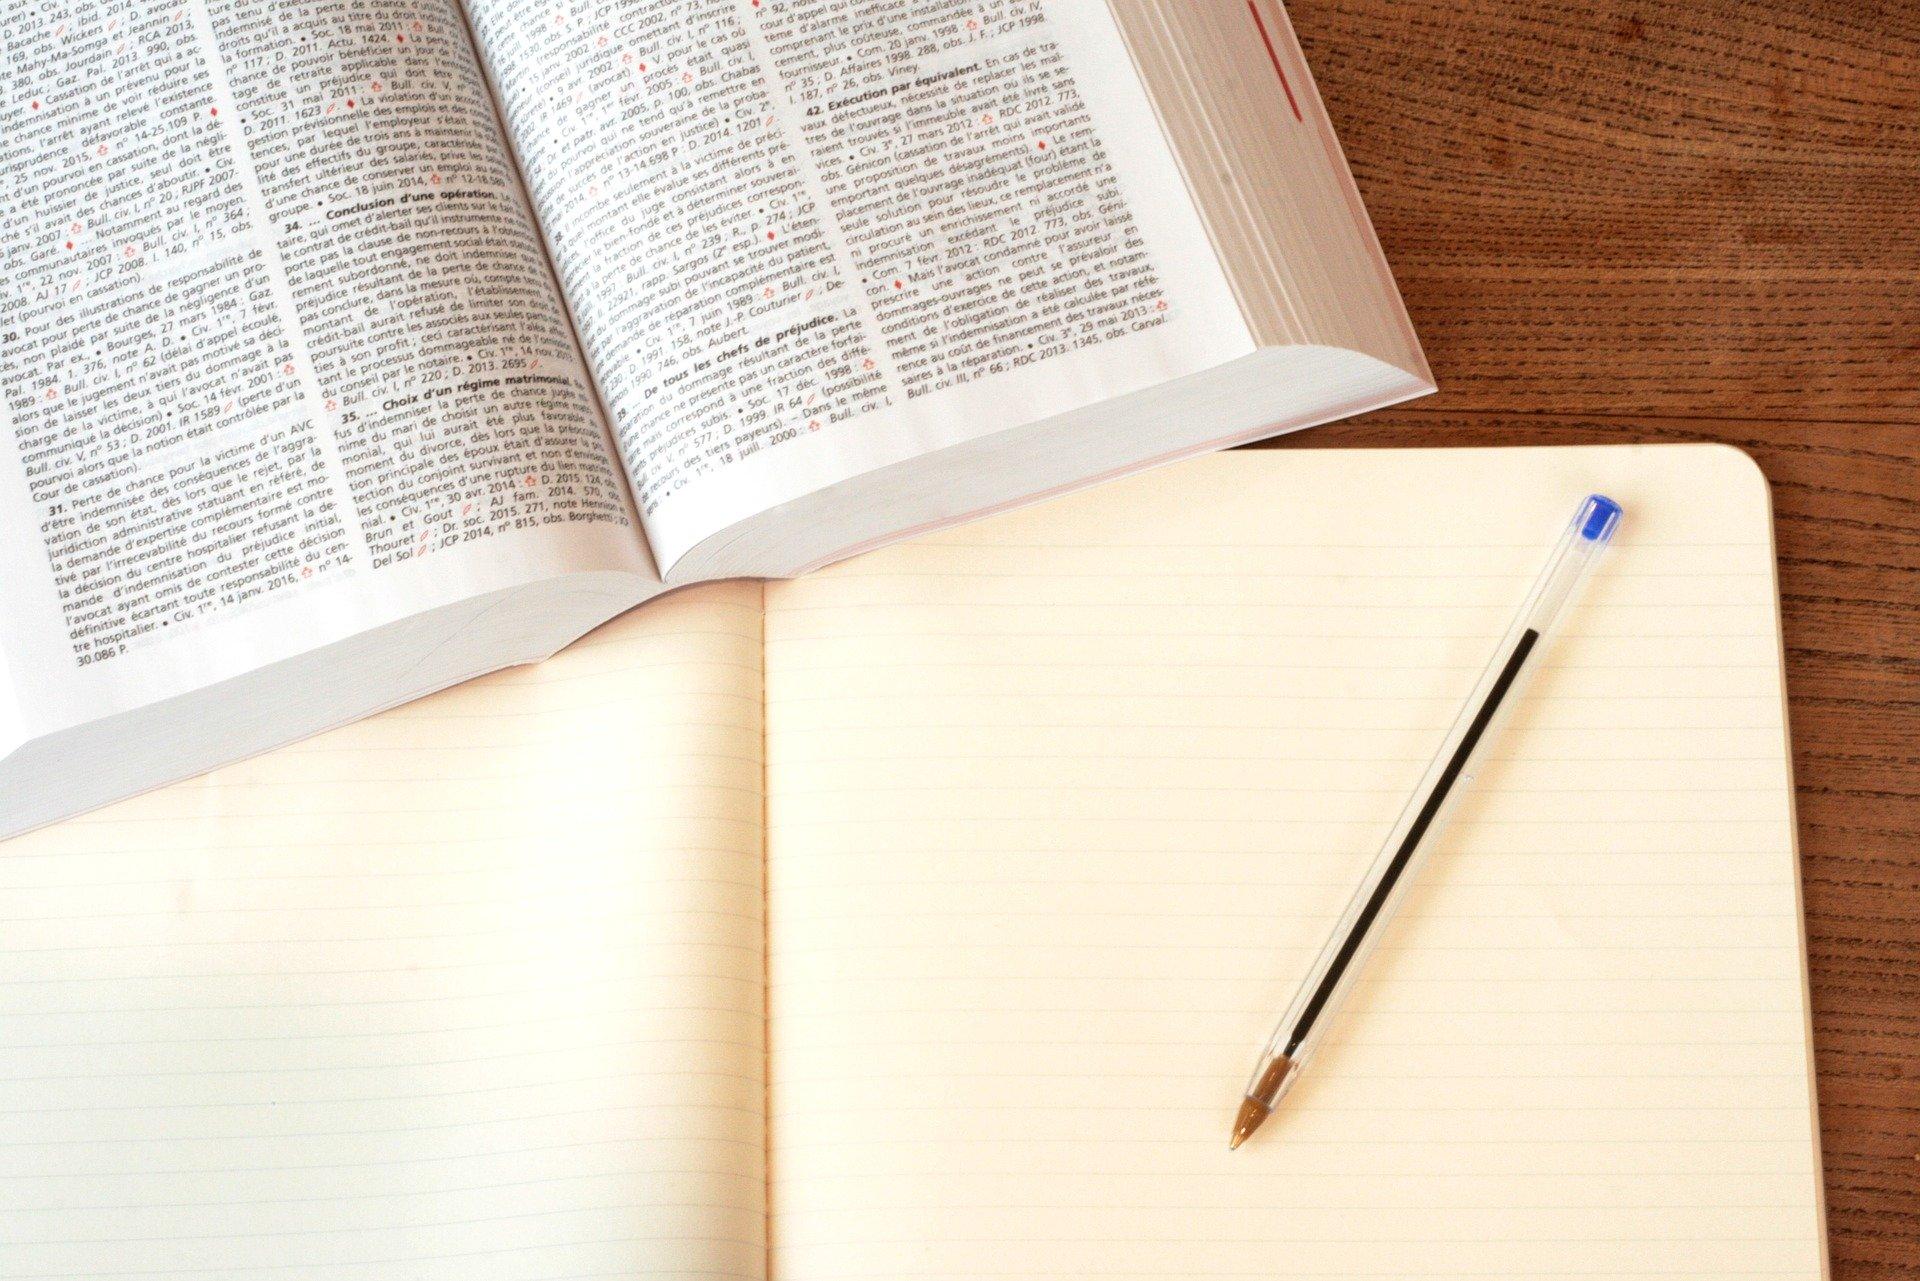 約款の瑕疵担保責任は民法改正でどう変わった?内容を解説